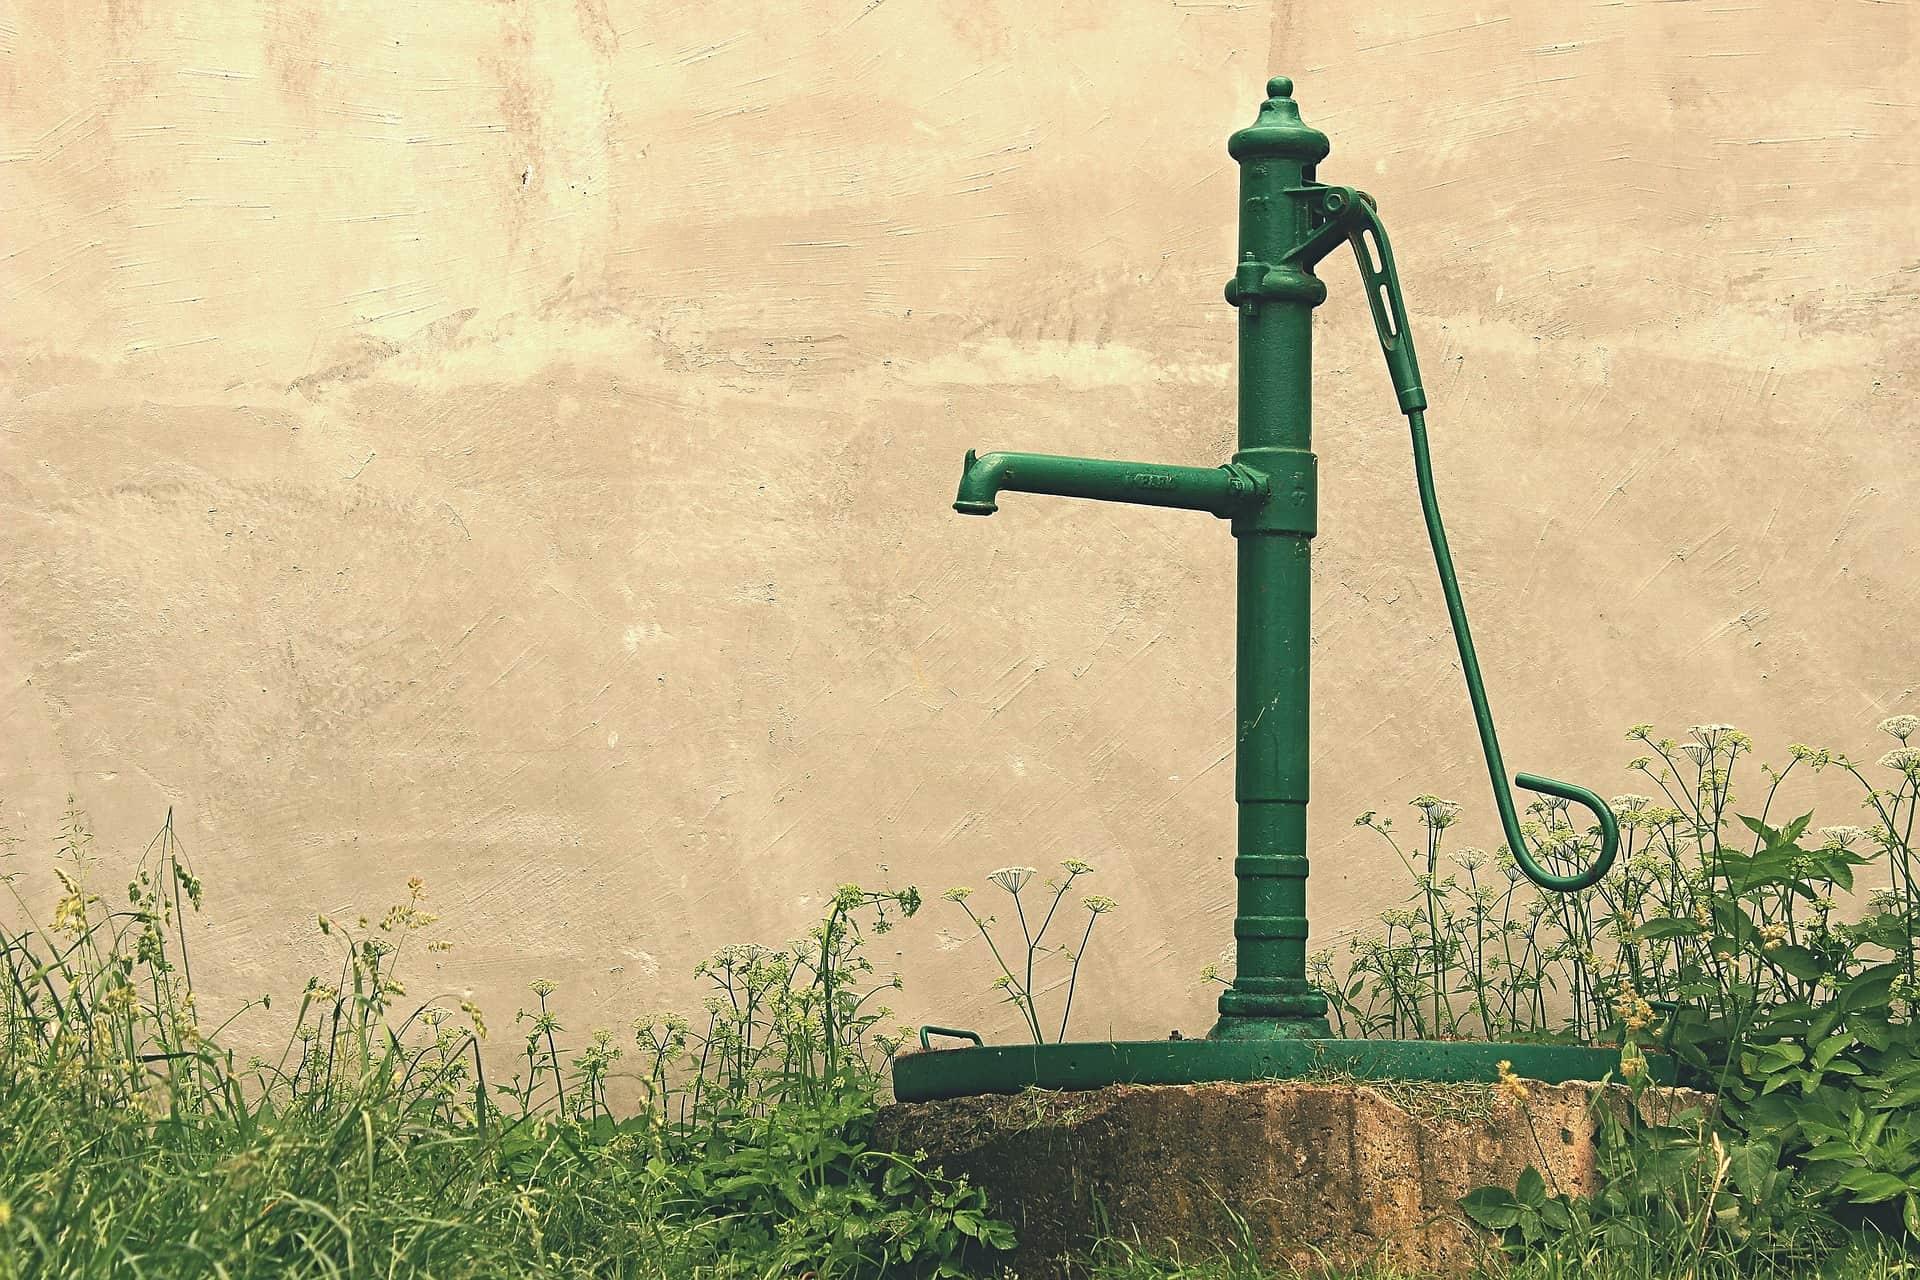 Pumpensteuerung: Test und Empfehlungen (01/20)